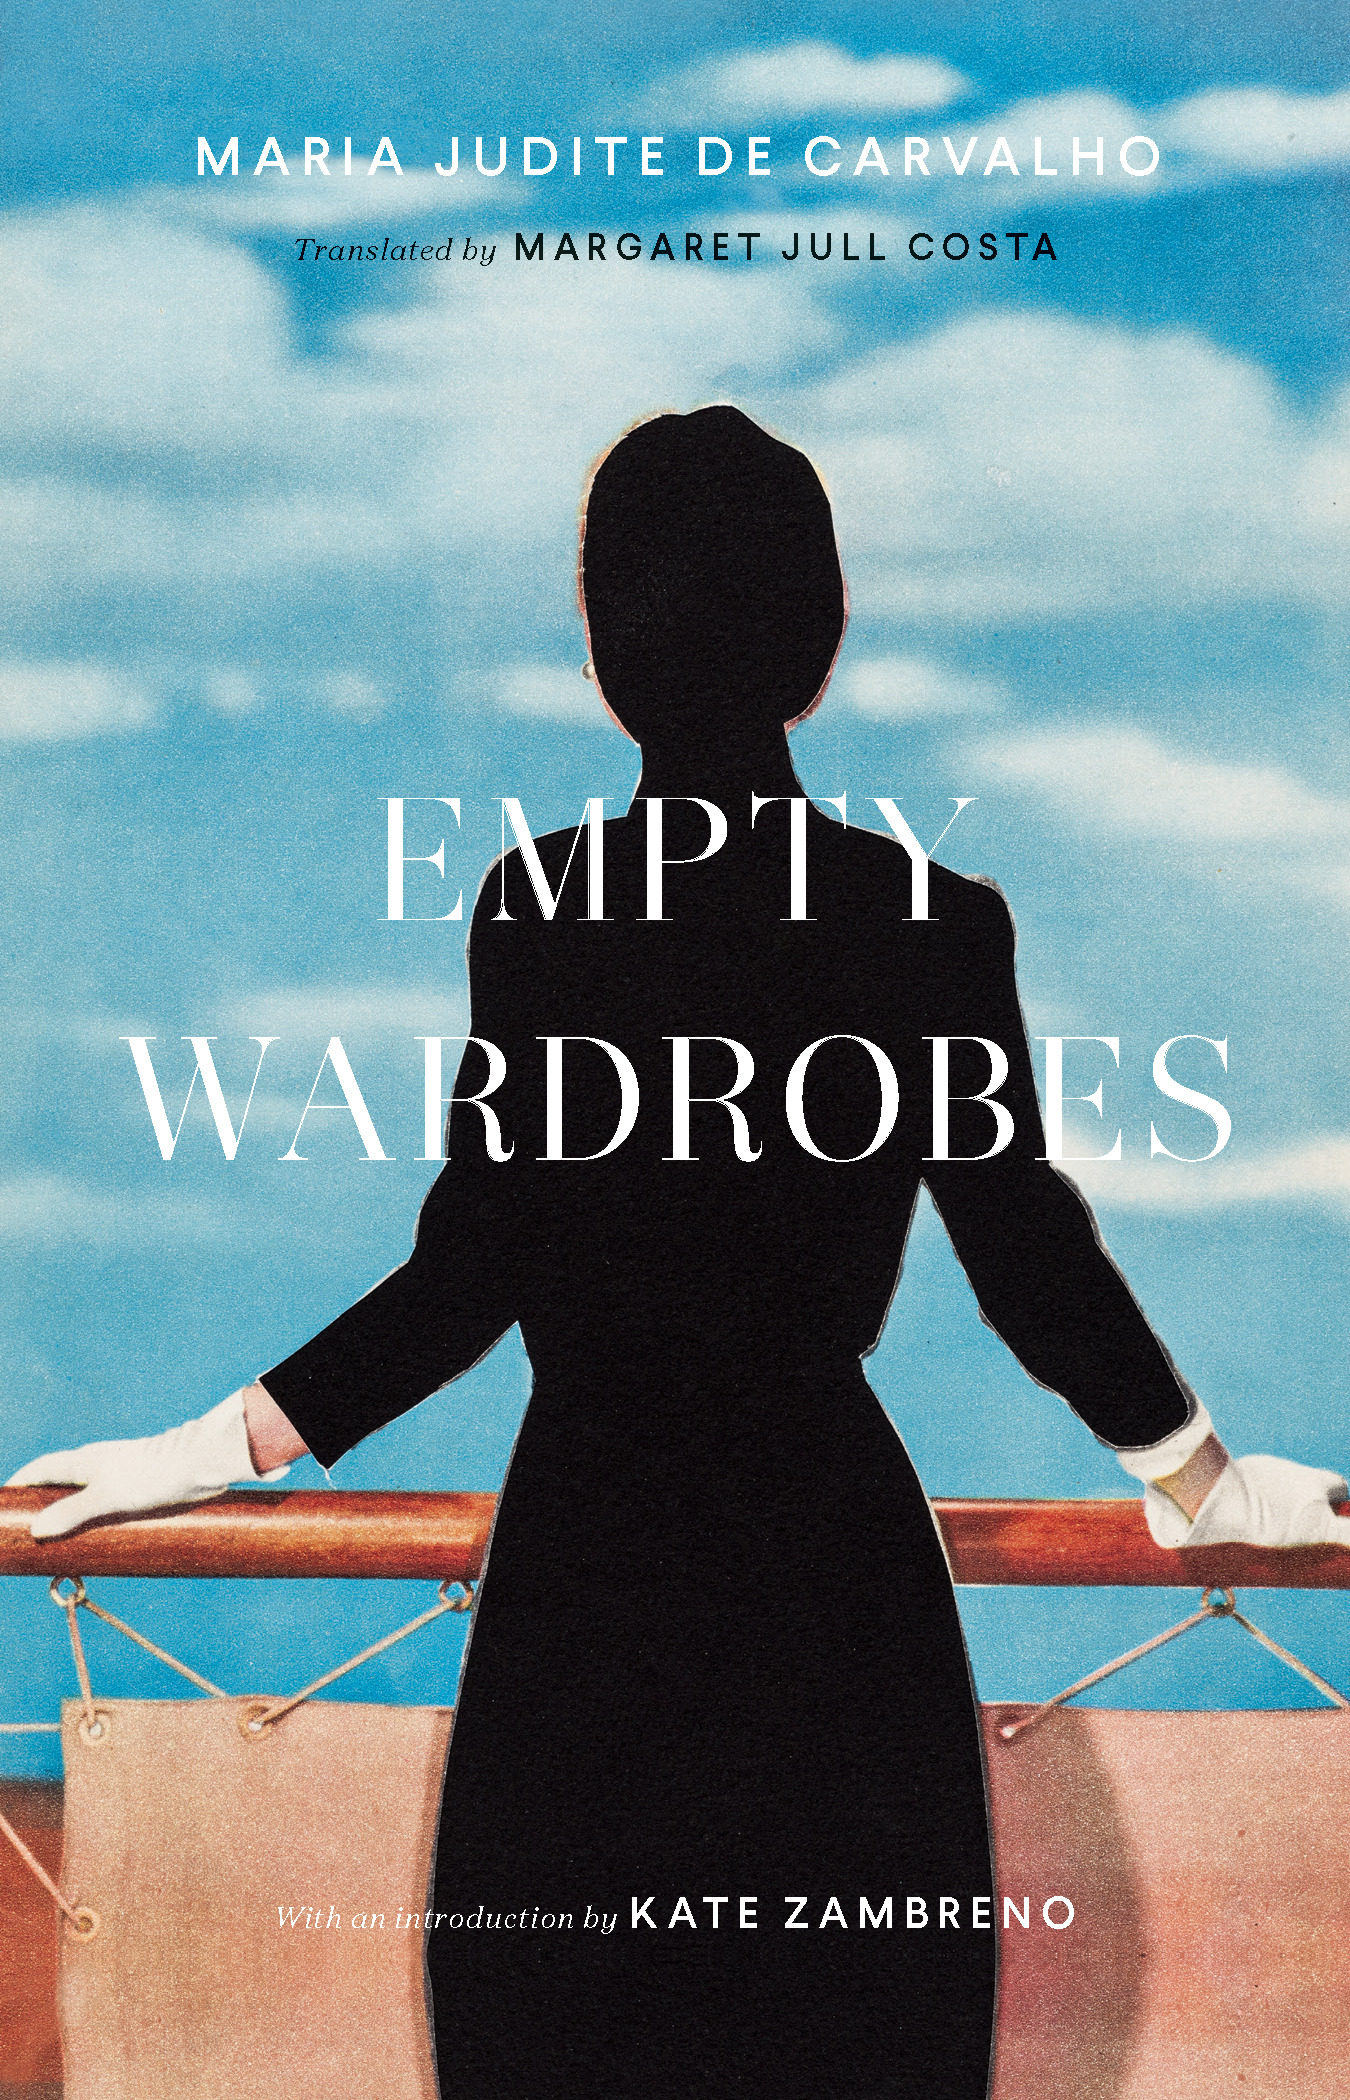 Empty Wardrobes by Maria Judite de Carvalho